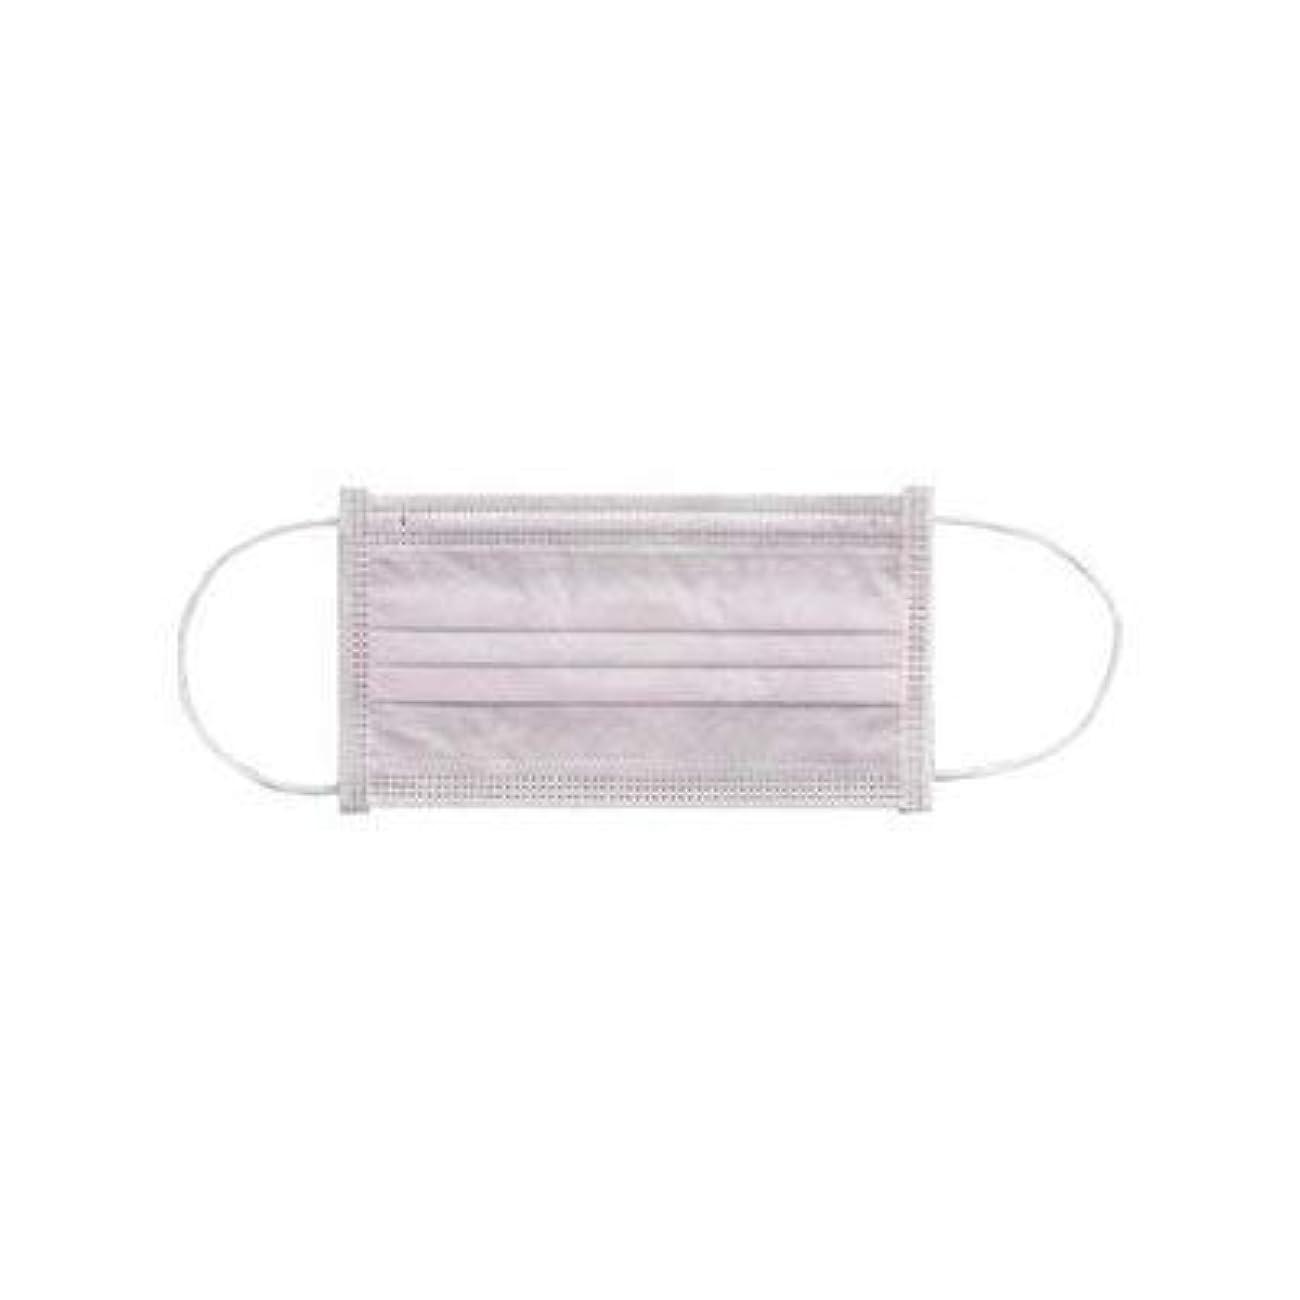 消化器有力者免除する(まとめ) 川西工業 メディカルマスク3PLY ピンク【×30セット】 ds-2157579